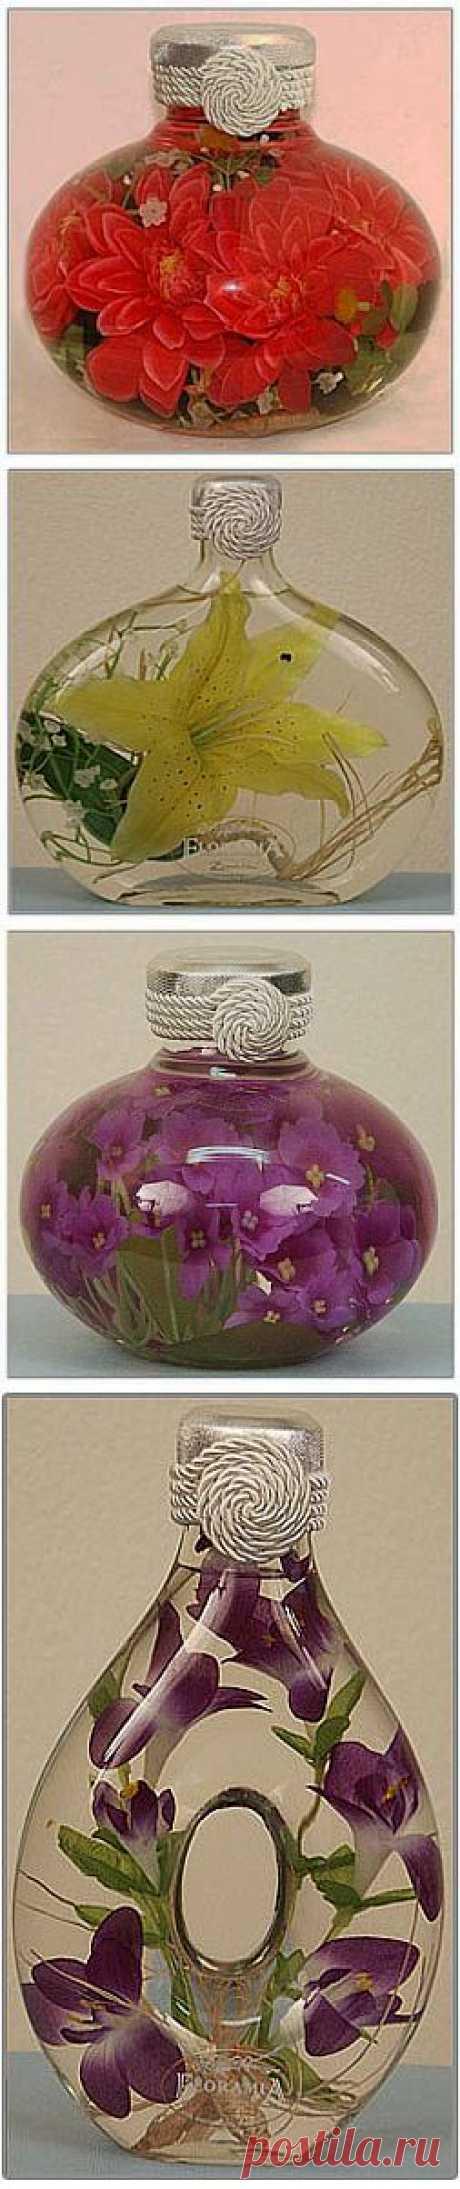 Удивительный рецепт! Цветы в глицерине,желатине и соли..